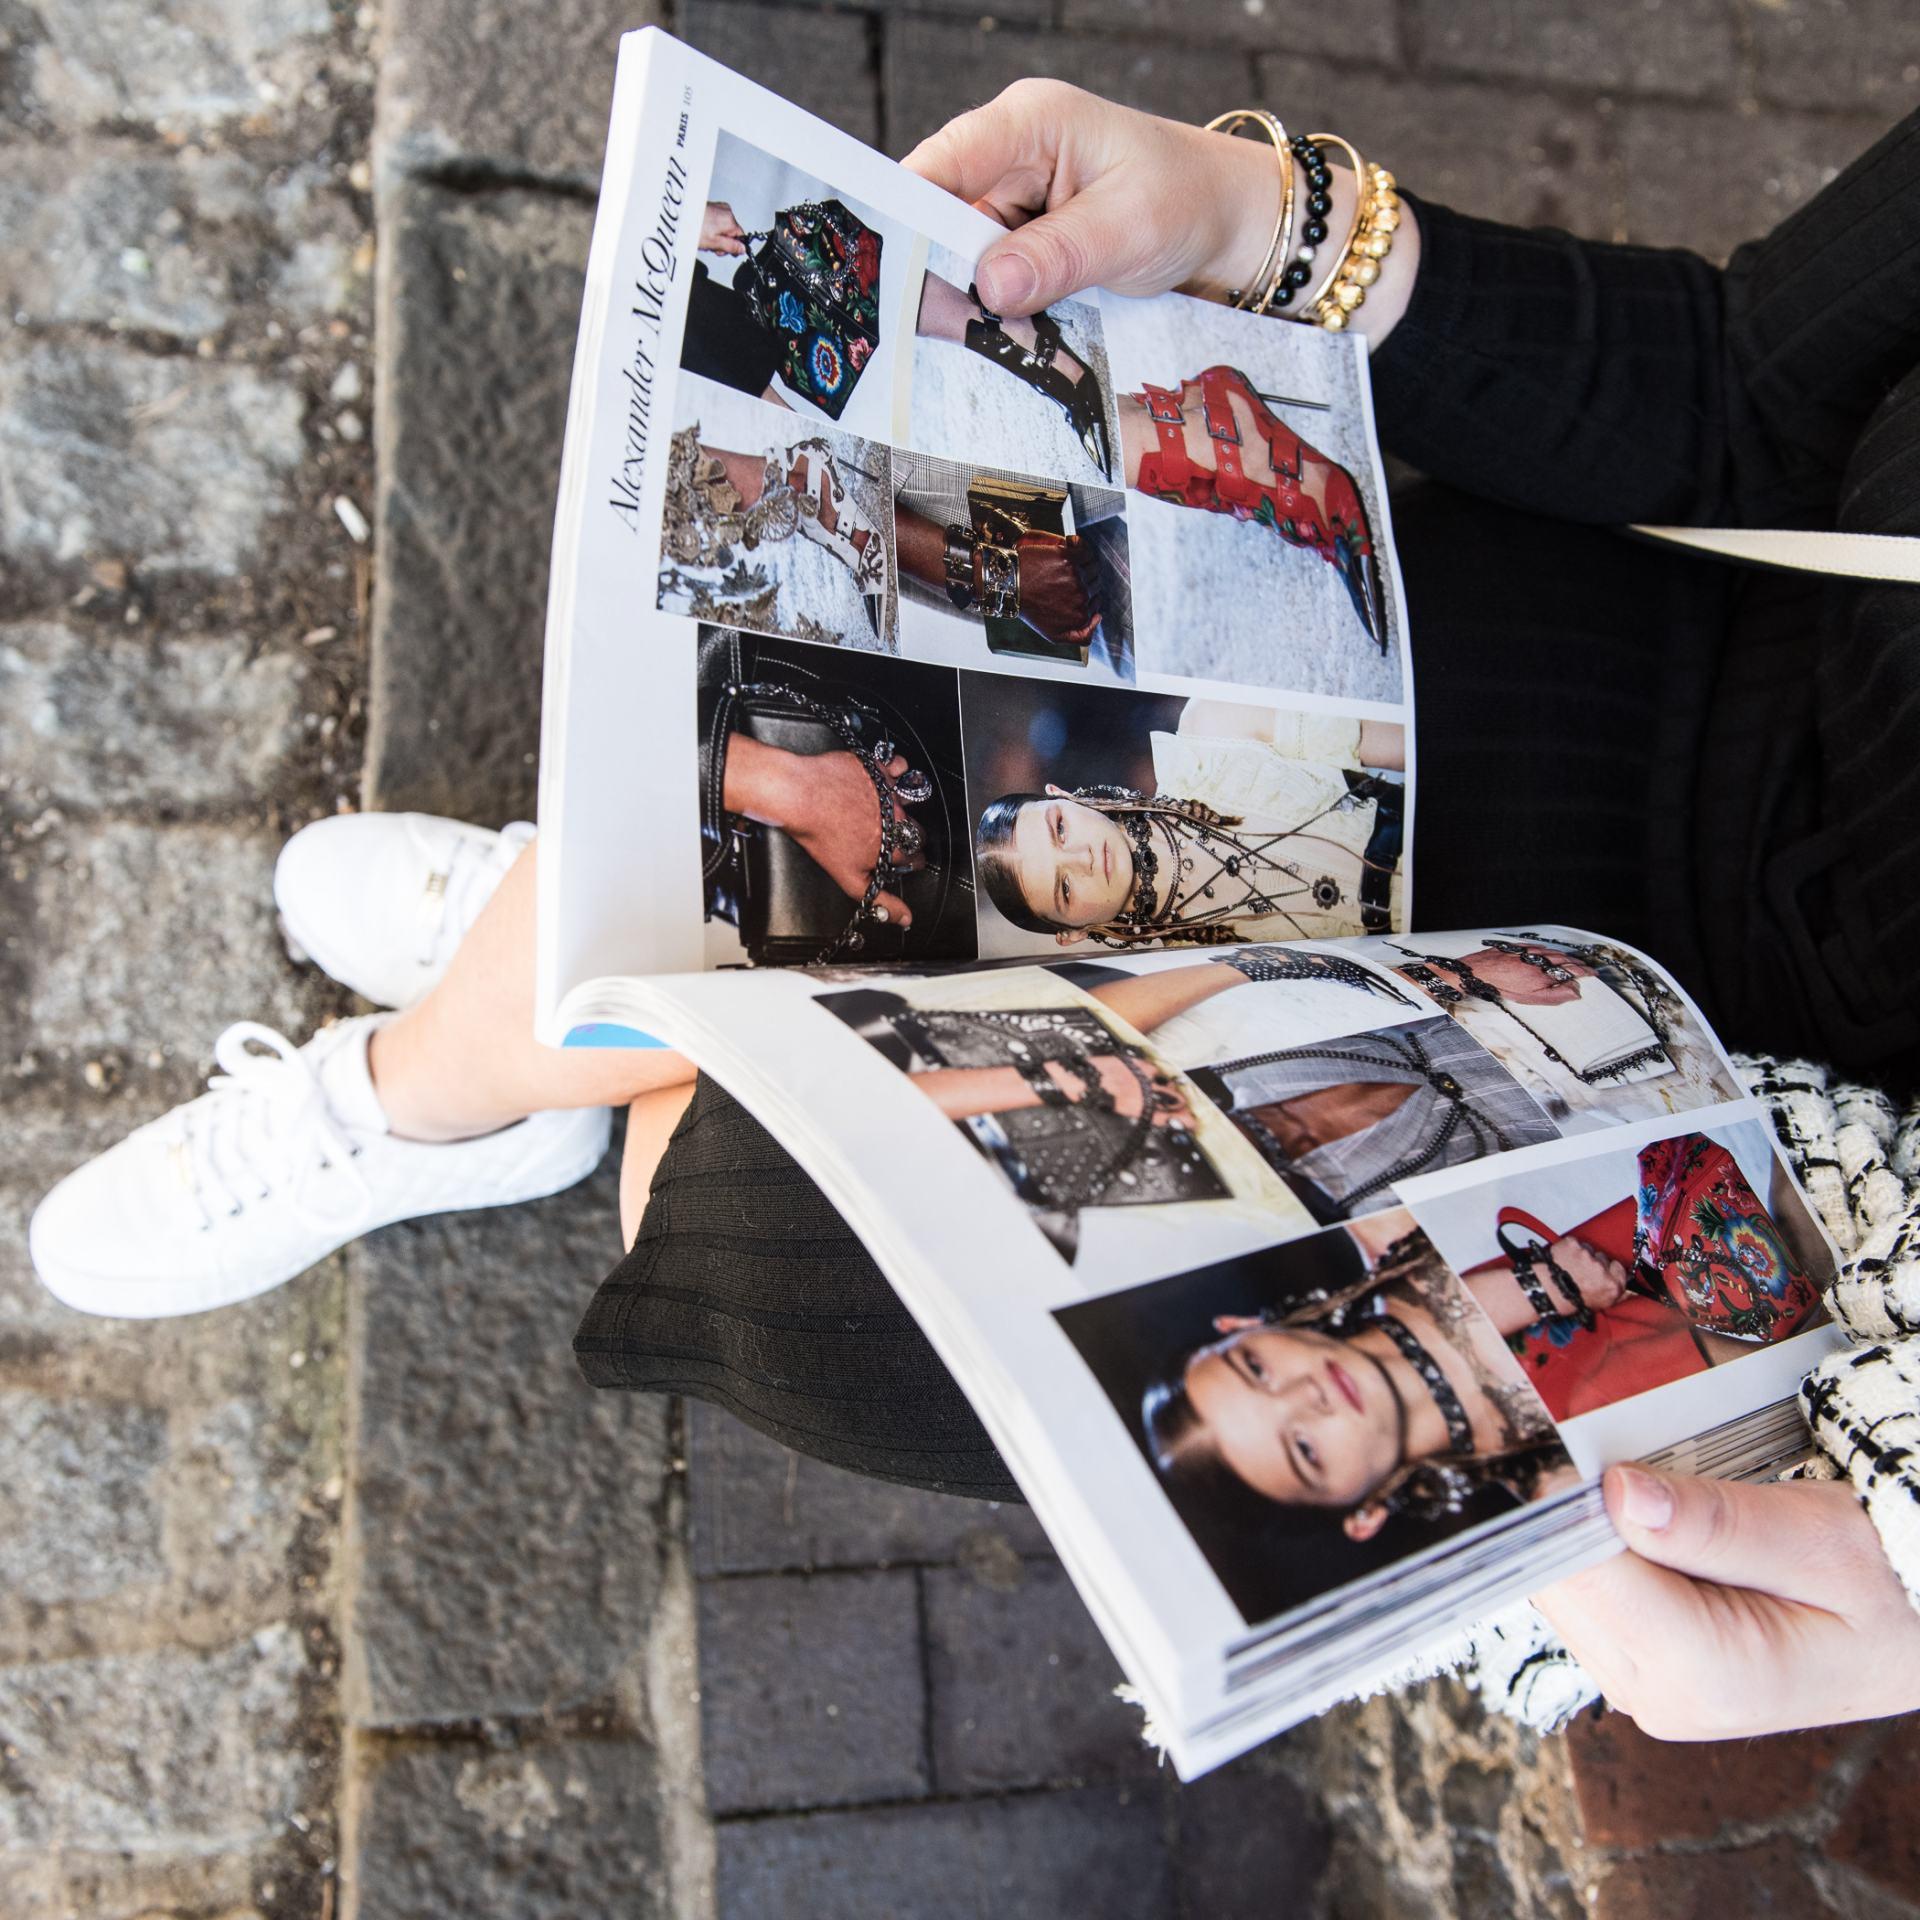 Fashion magazine lifestyle shot